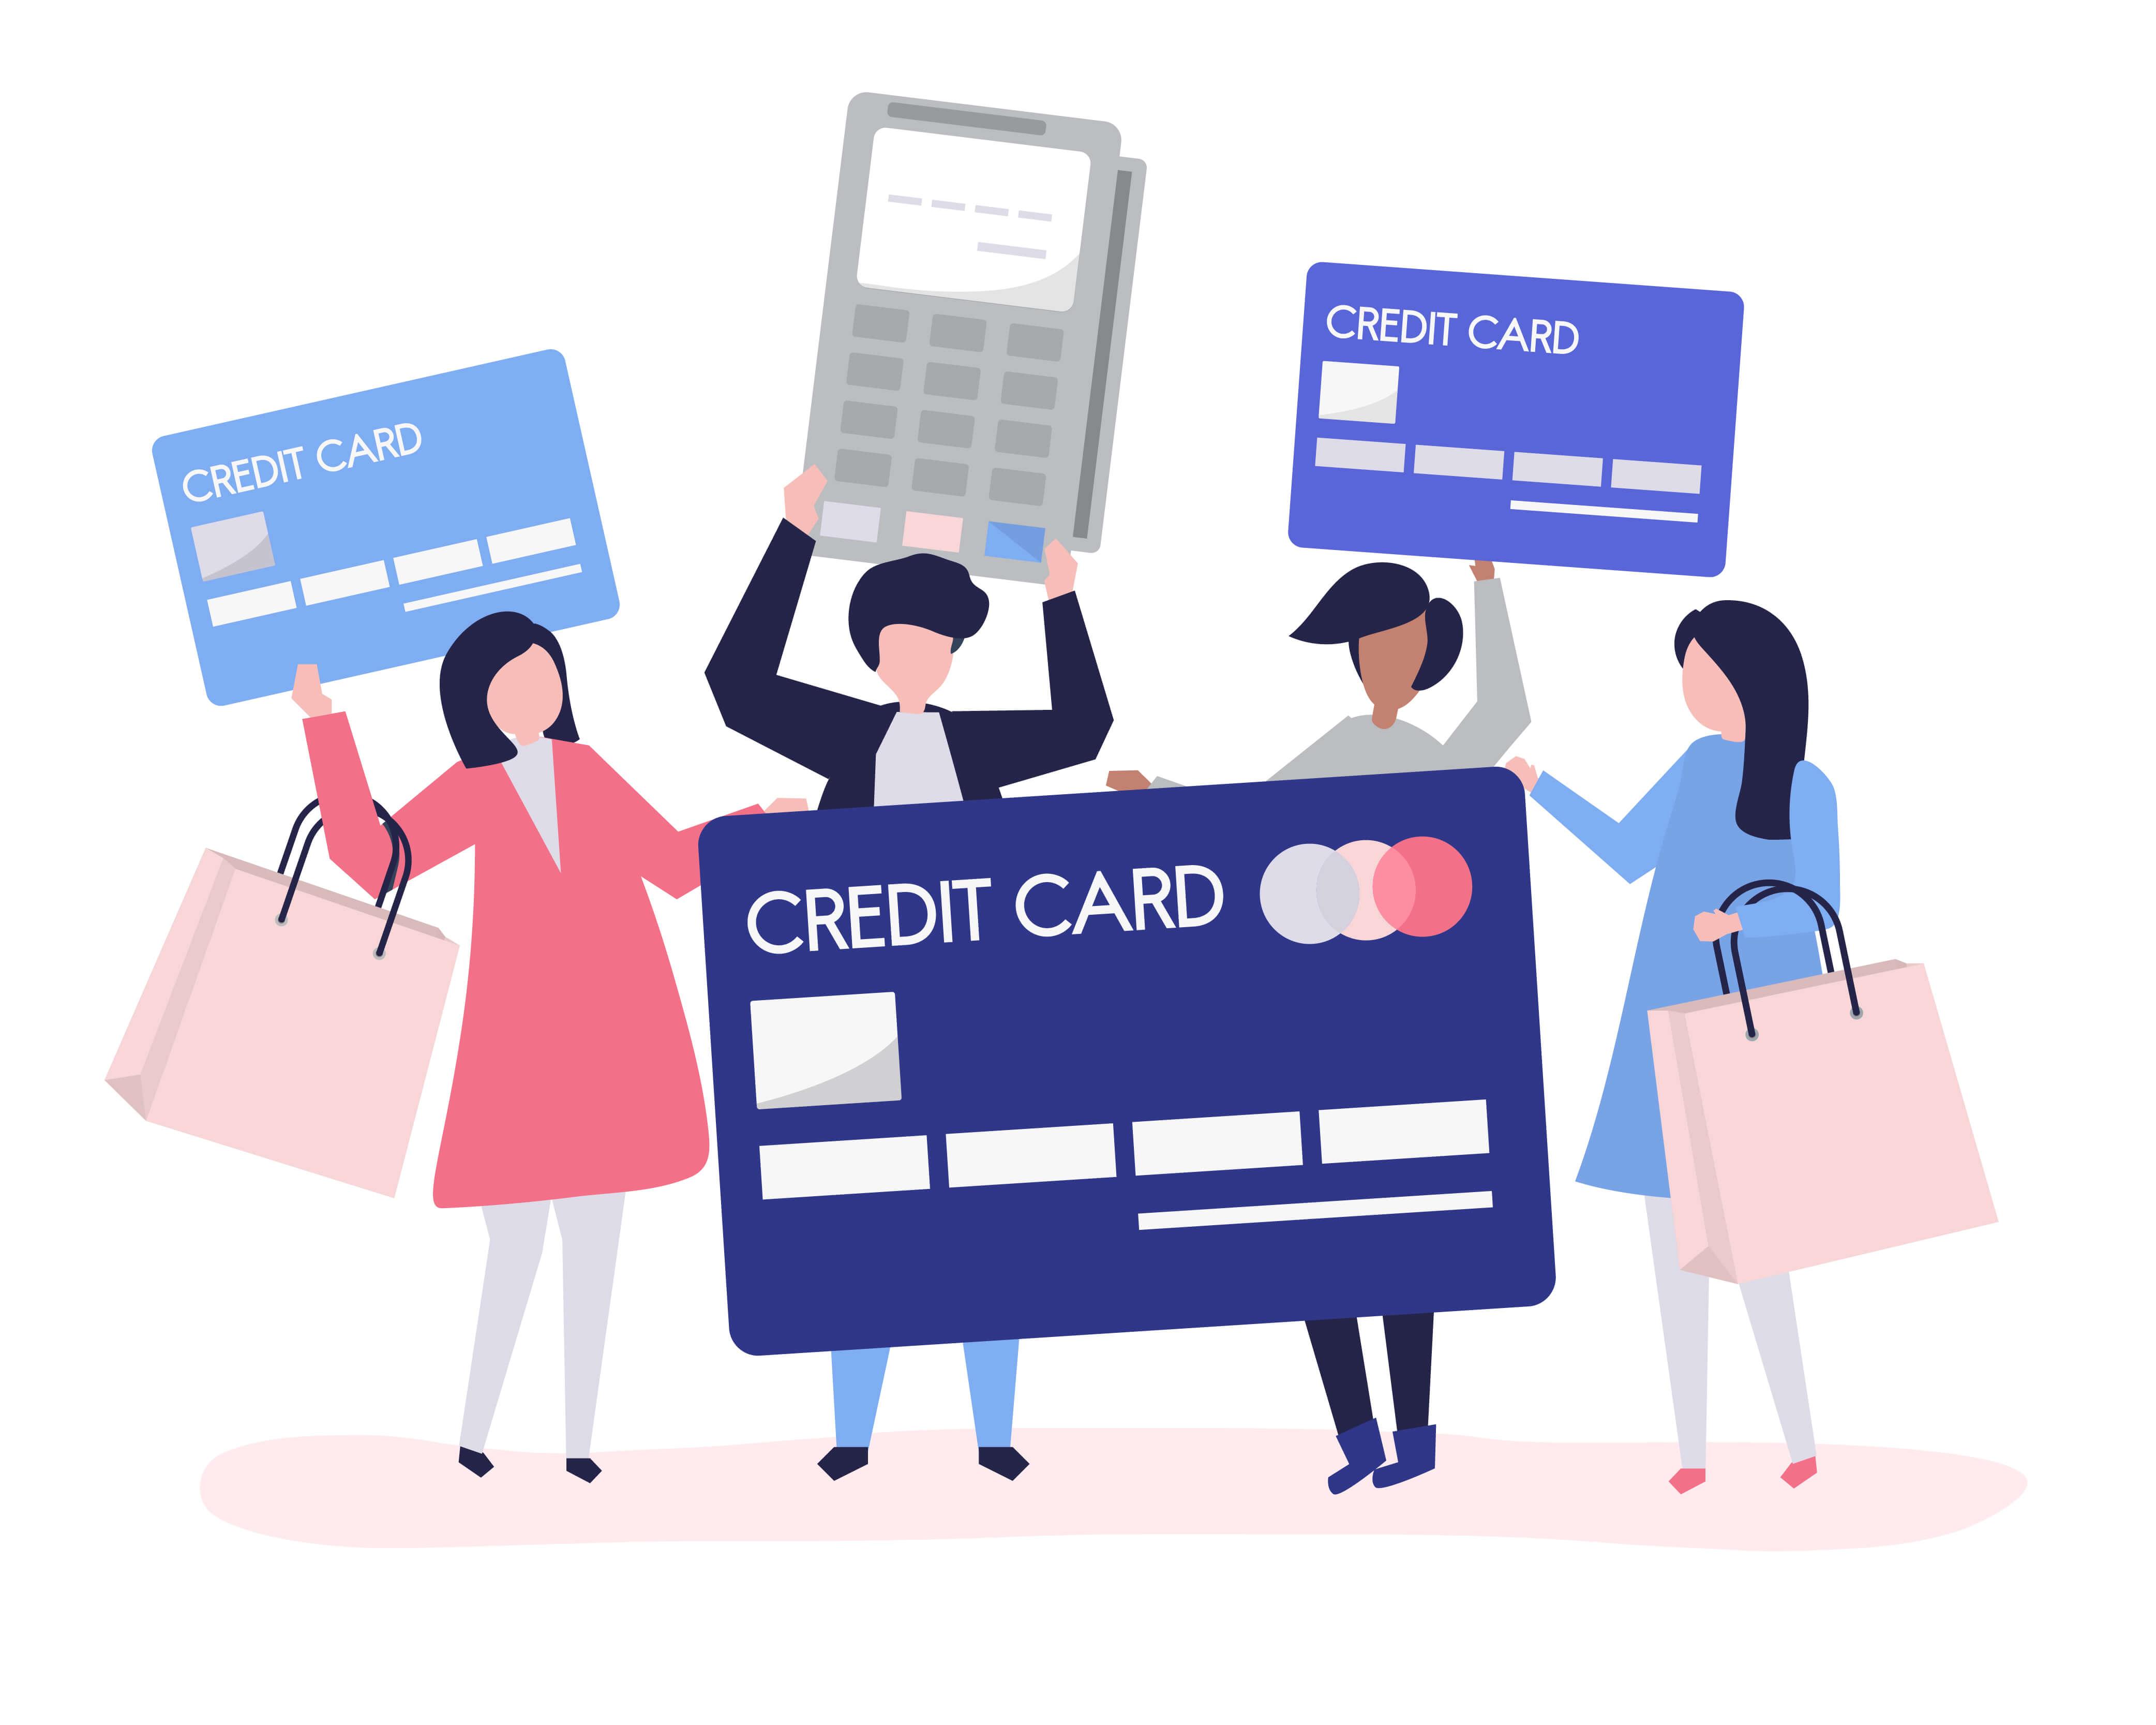 Karta kredytowa, decyzja kredytowa